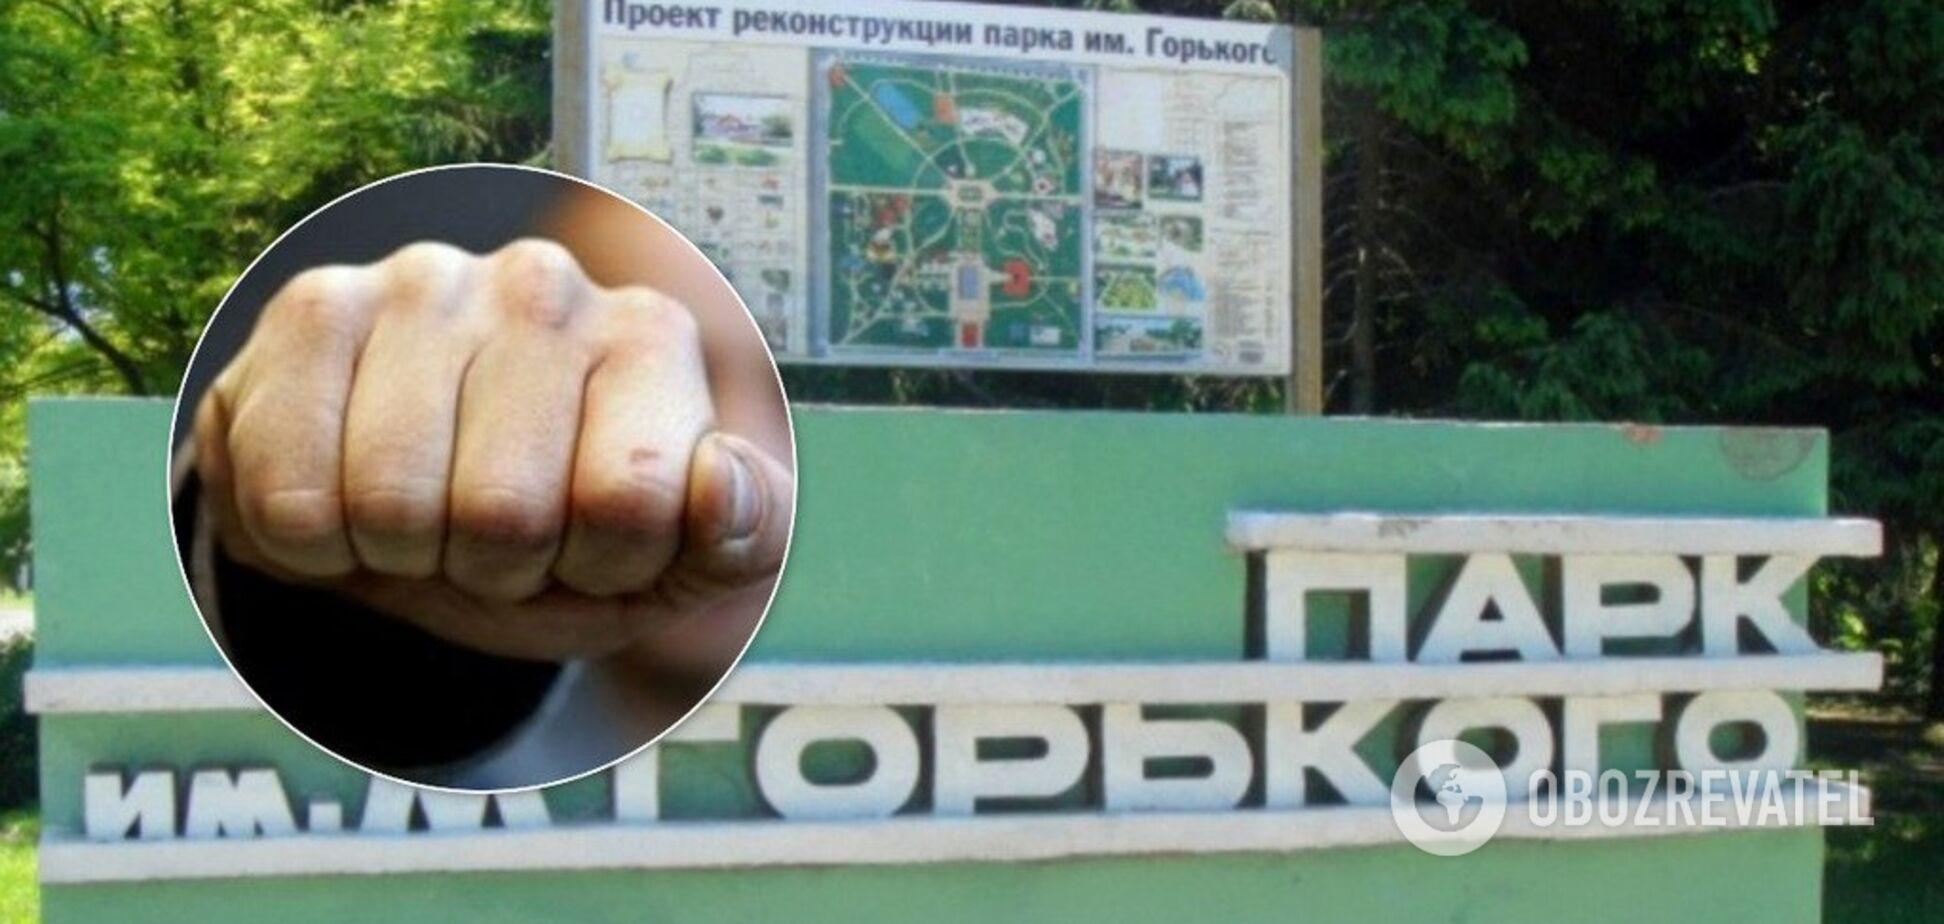 Пожилой сепаратист жестоко избил женщину в Одессе: выяснились подробности и имя